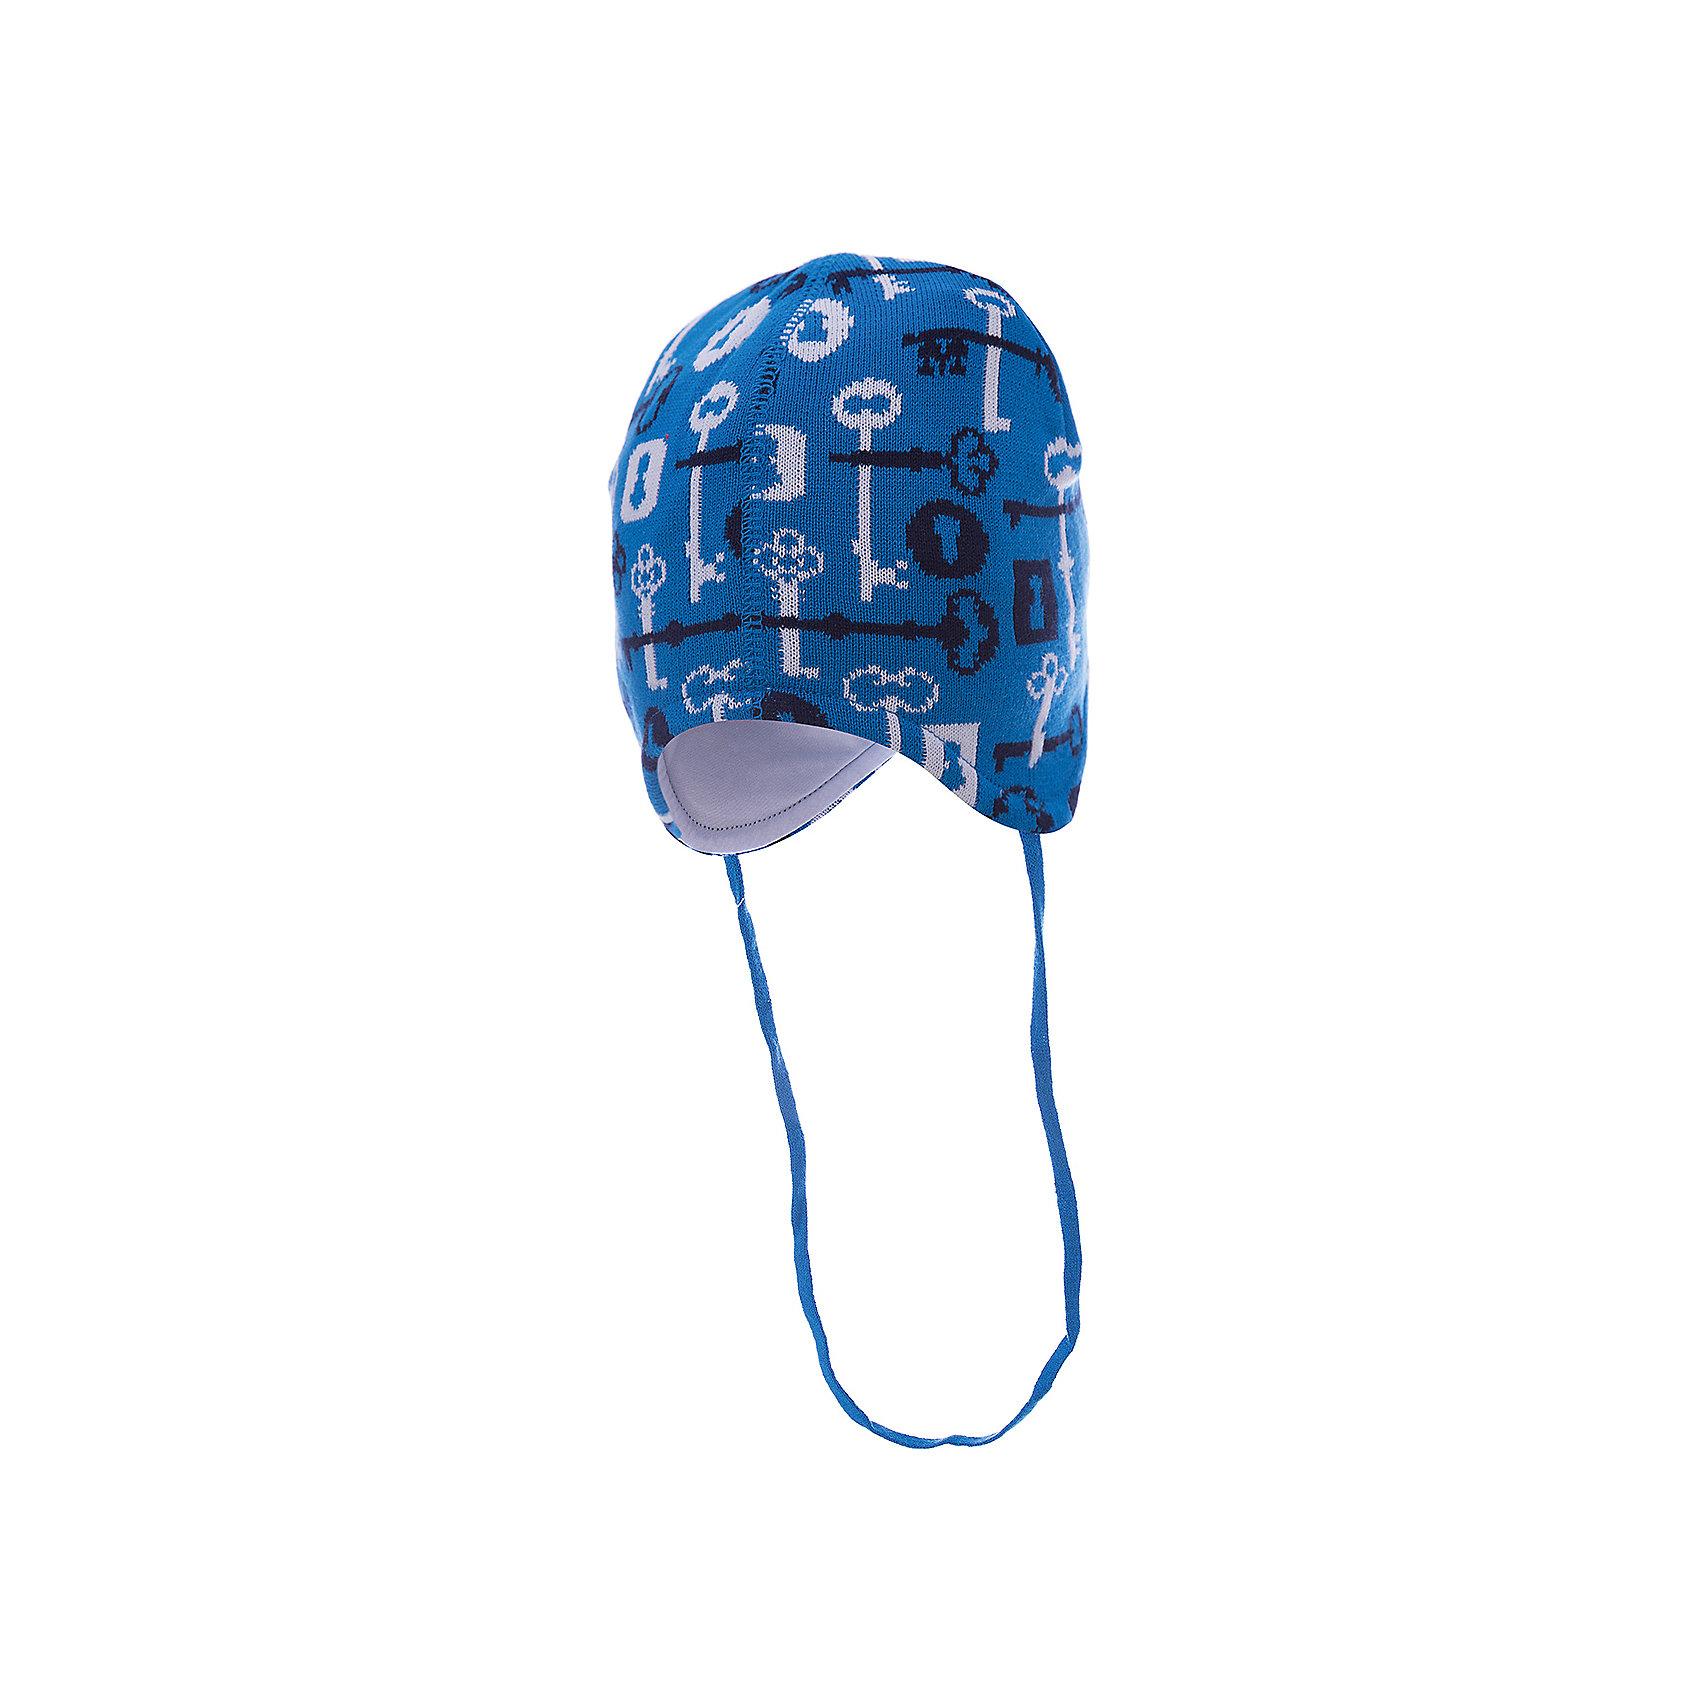 Шапка для мальчика АртельШапочки<br>Шапка для мальчика от торговой марки Артель <br><br>Теплая шапка для малышей отлично смотрится на детях и комфортно сидит. Изделие выполнено из качественных материалов, вязка плотная. Натуральный хлопок обеспечит износостойкость и удобство. Отличный вариант для переменной погоды межсезонья! <br>Одежда от бренда Артель – это высокое качество по приемлемой цене и всегда продуманный дизайн. <br><br>Особенности модели: <br>- цвет — голубой; <br>- есть завязки; <br>- украшена принтом; <br>- подкладка — натуральный хлопок. <br><br>Дополнительная информация: <br><br>Состав: верх — 50%хлопок, 50% пан, подкладка - 100% хлопок.<br><br><br>Температурный режим: <br>От -5 °C до +10 °C <br><br>Шапку для мальчика Артель (Artel) можно купить в нашем магазине.<br><br>Ширина мм: 89<br>Глубина мм: 117<br>Высота мм: 44<br>Вес г: 155<br>Цвет: голубой<br>Возраст от месяцев: 18<br>Возраст до месяцев: 24<br>Пол: Мужской<br>Возраст: Детский<br>Размер: 48,46,44,42<br>SKU: 4500500